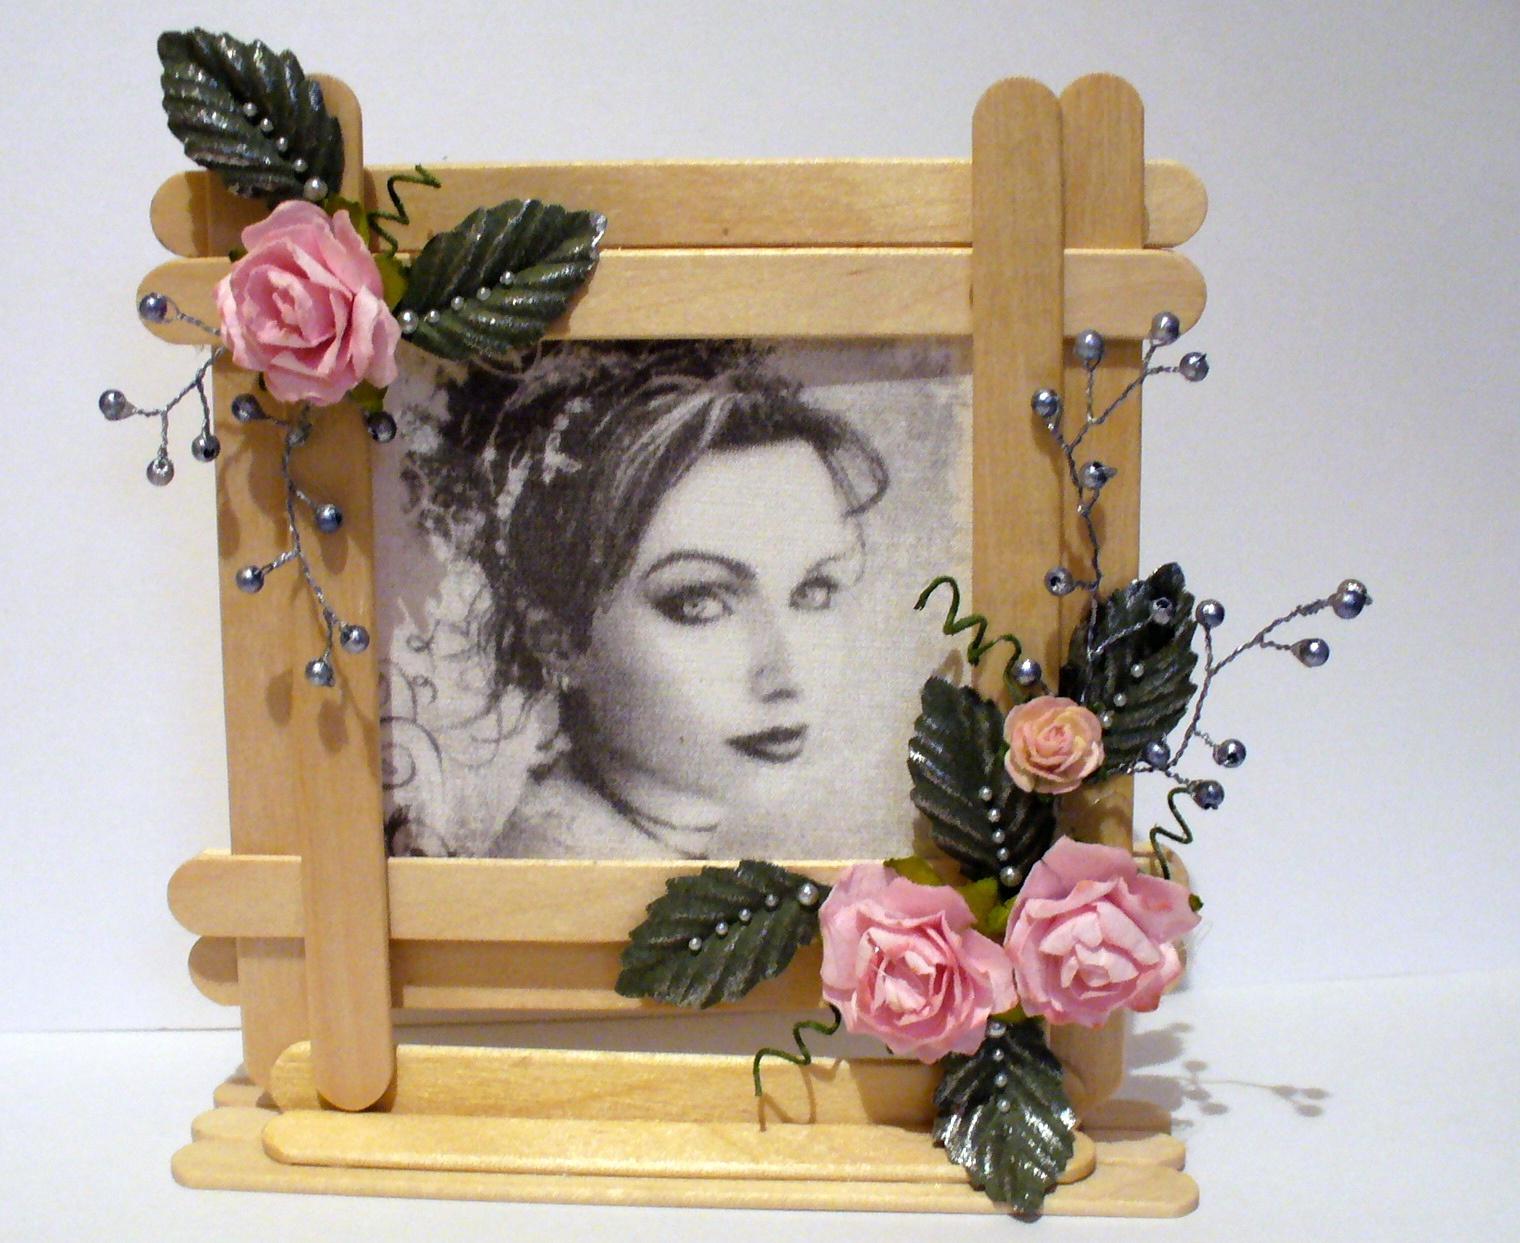 Рамки из палочек от мороженого с фотографиями можно дарить родным и друзьям